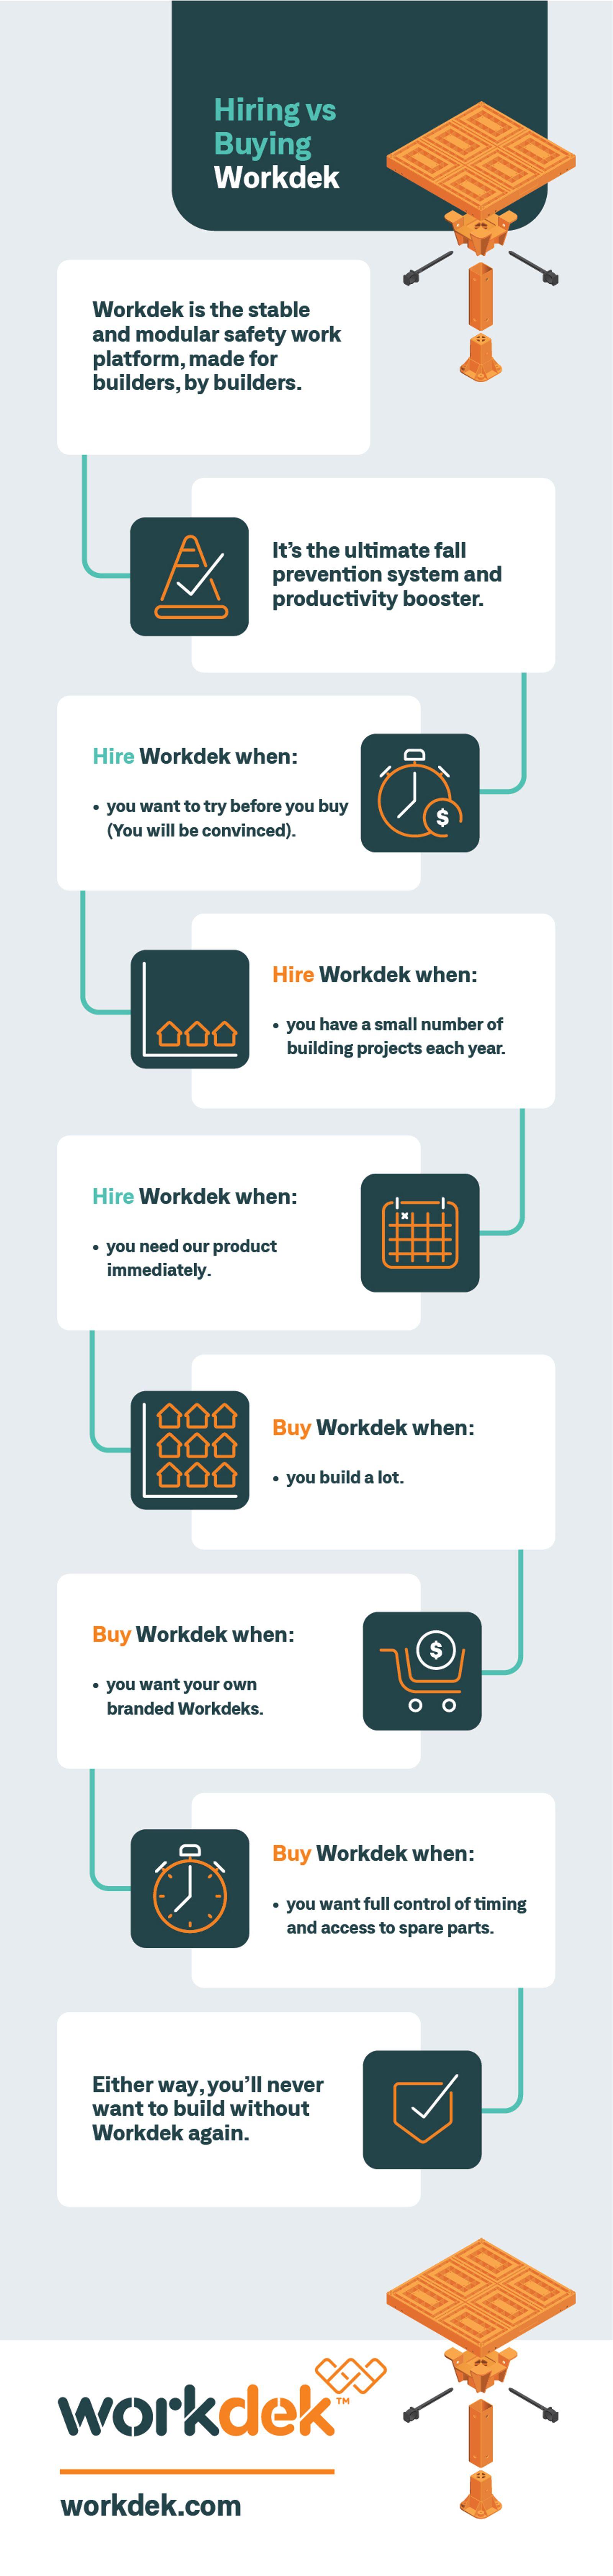 Hiring vs Buying Workdek.